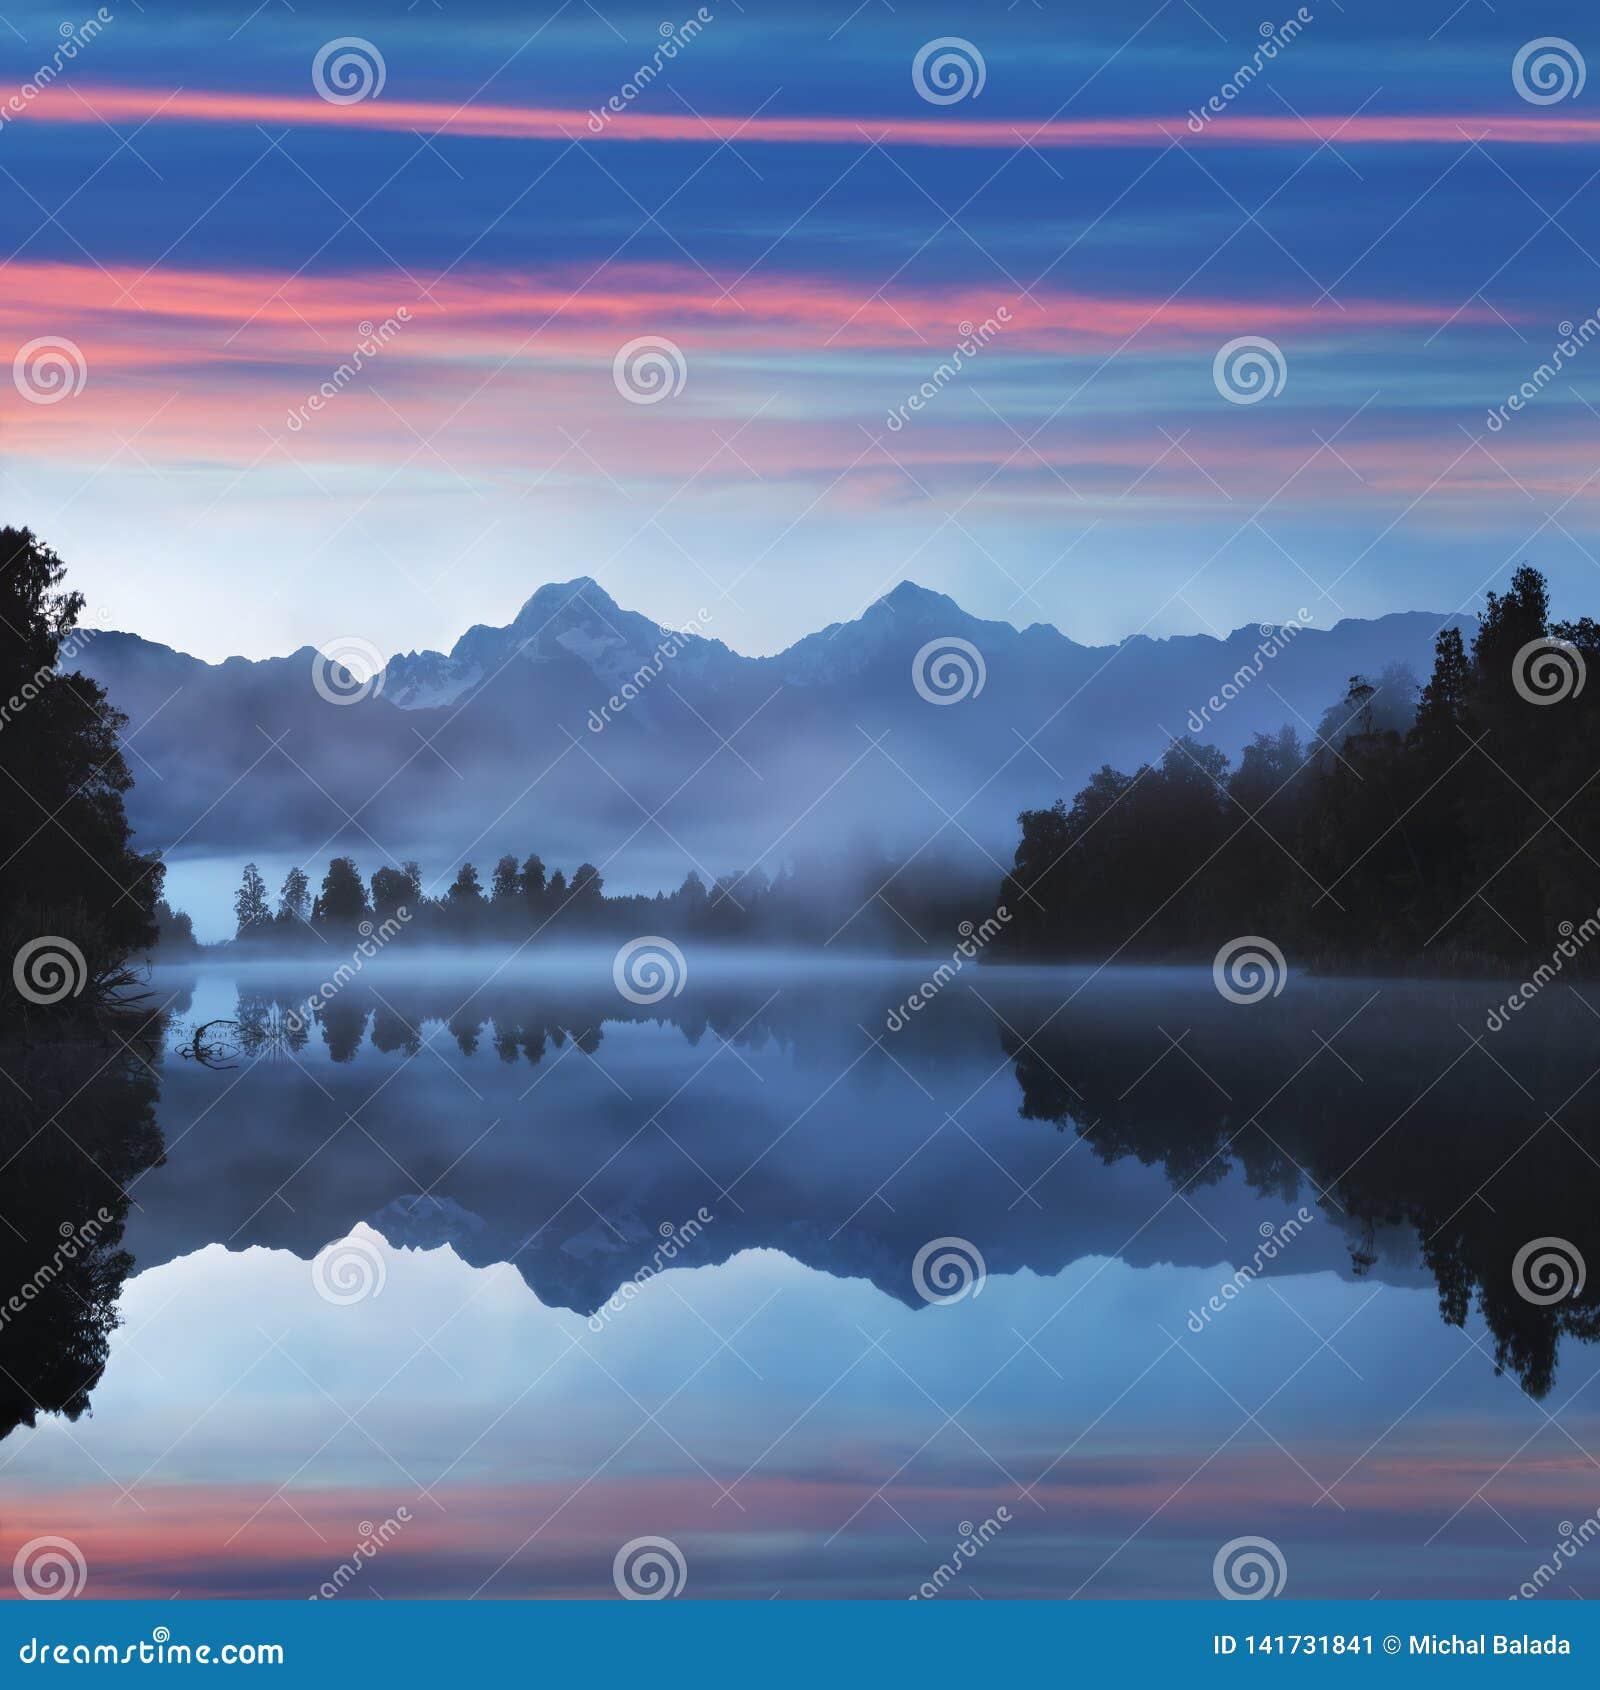 Lago Matheson Aoraki Mount Cook da reflexão de espelho, espelho no parque nacional Nova Zelândia de geleira do Fox, fundo natural